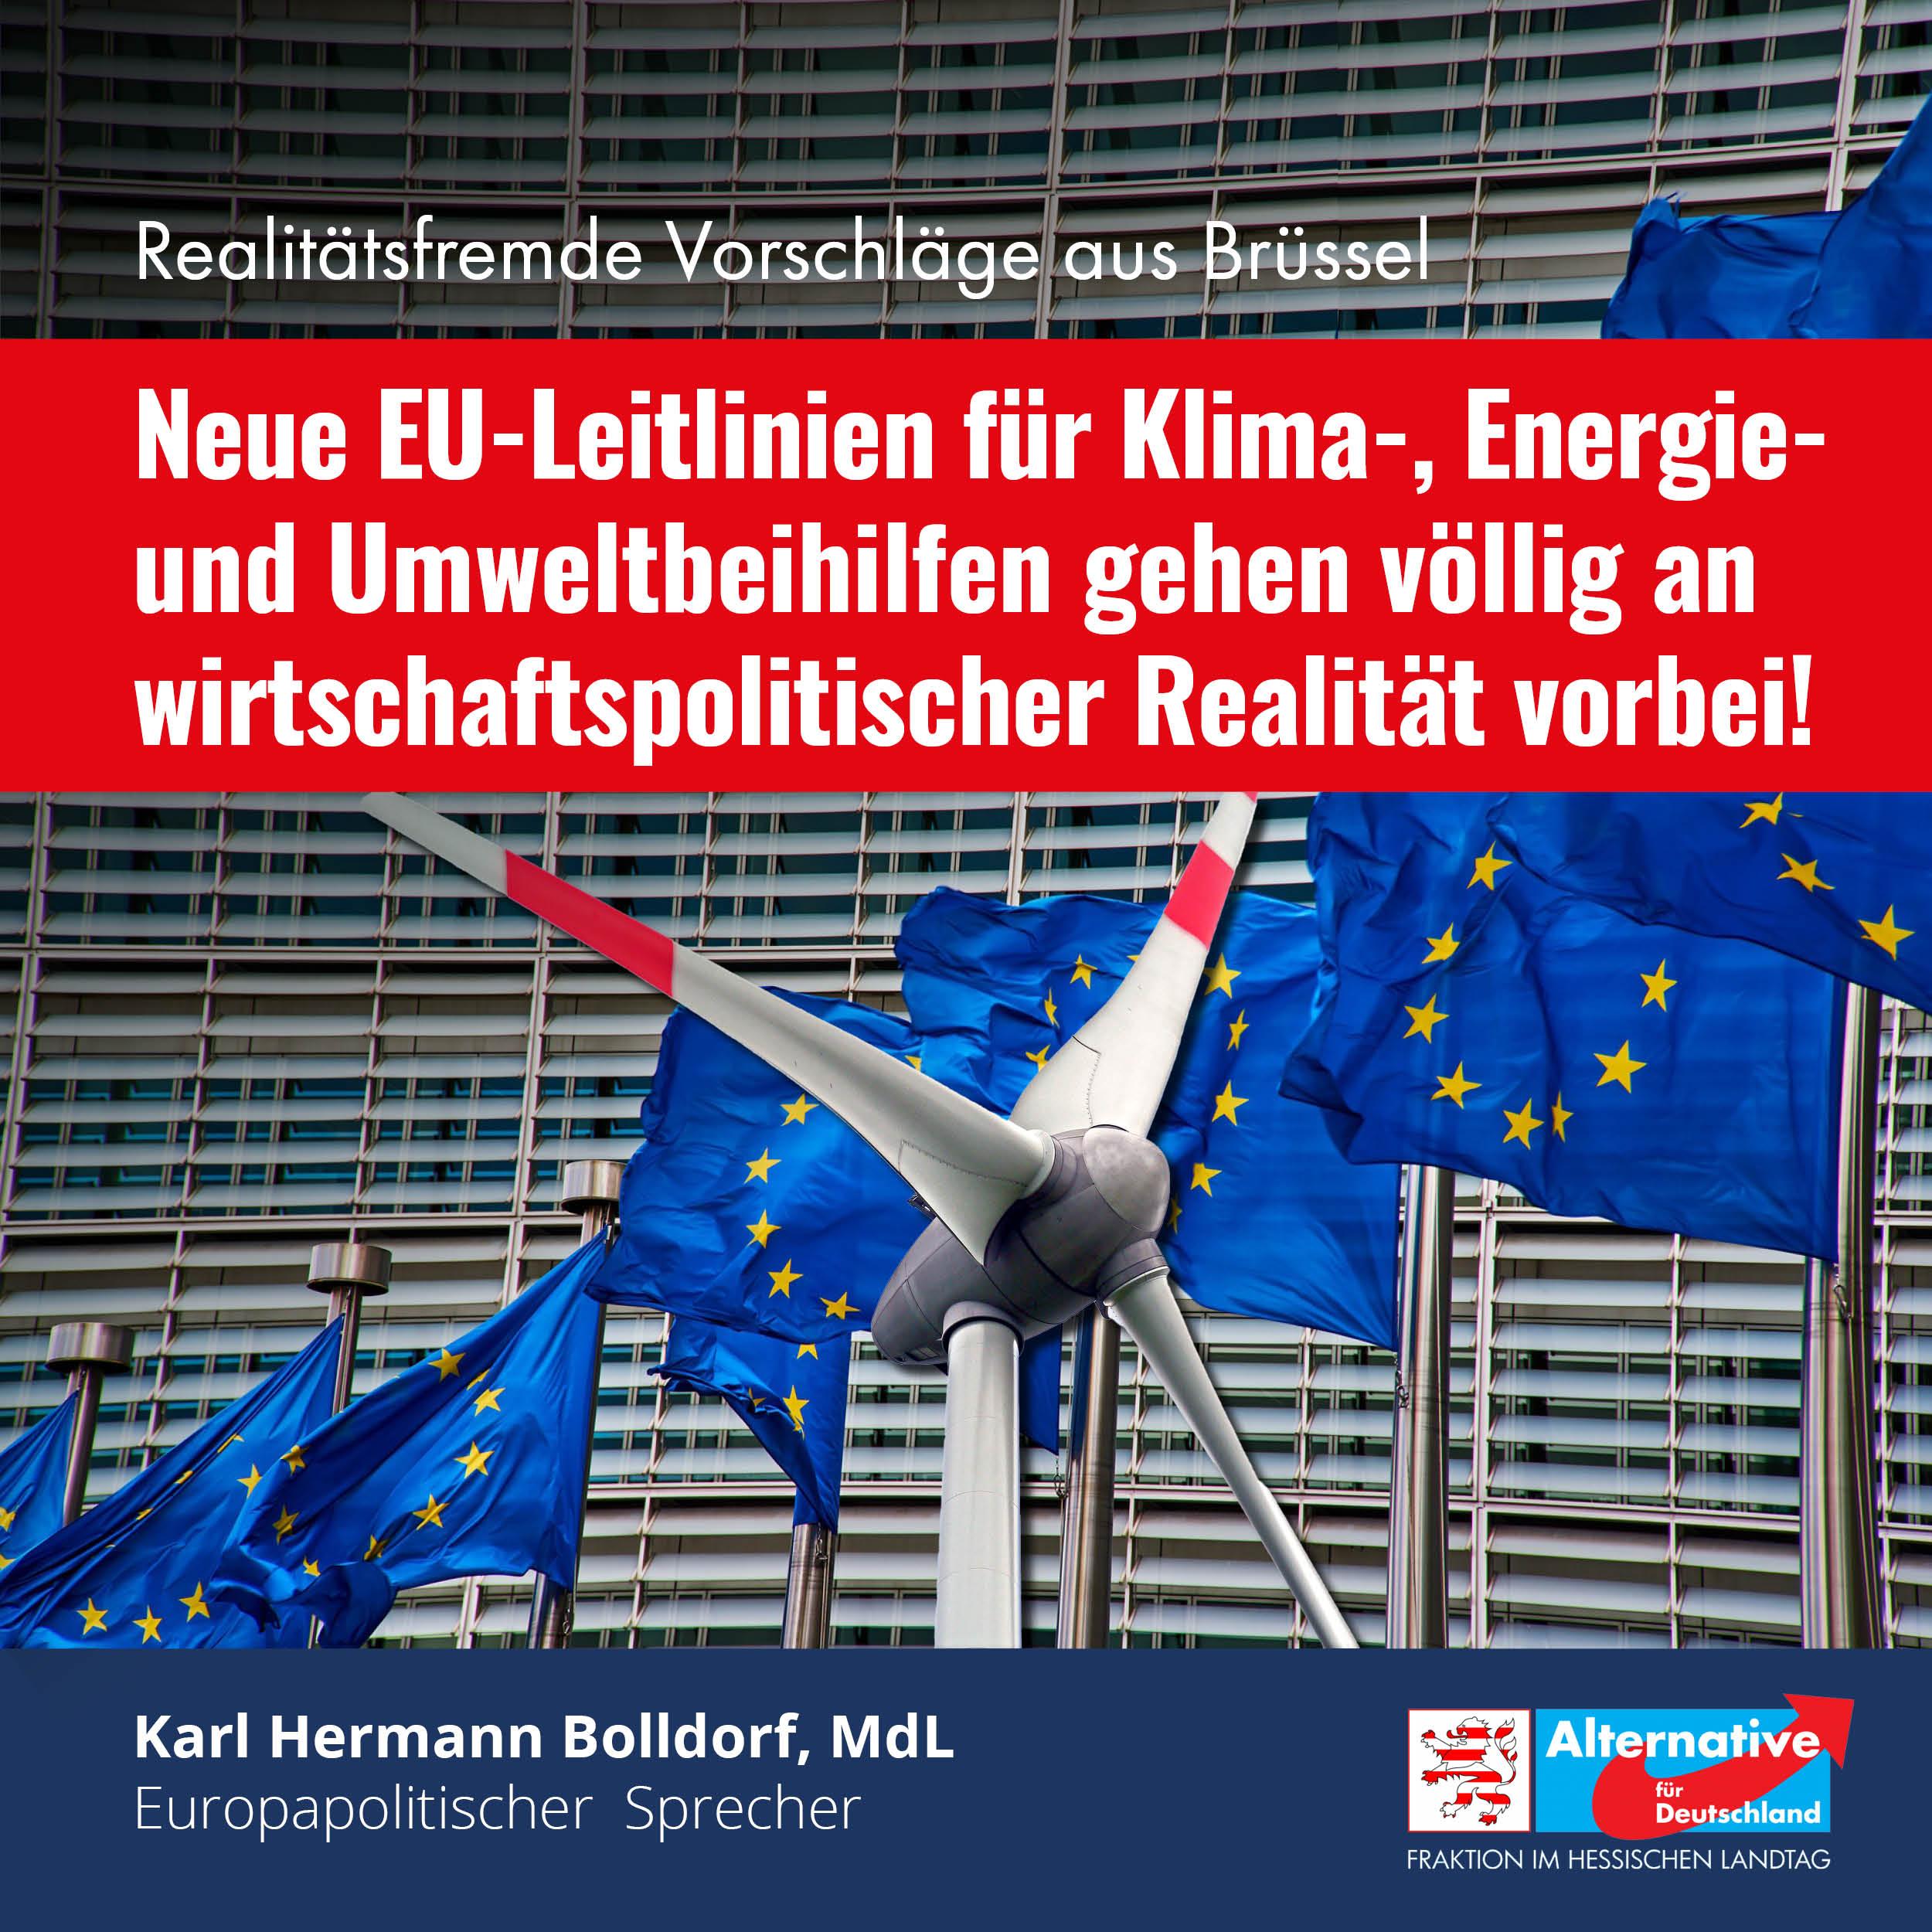 You are currently viewing Neue EU-Leitlinien für Klima-, Energie- und Umweltbeihilfen: